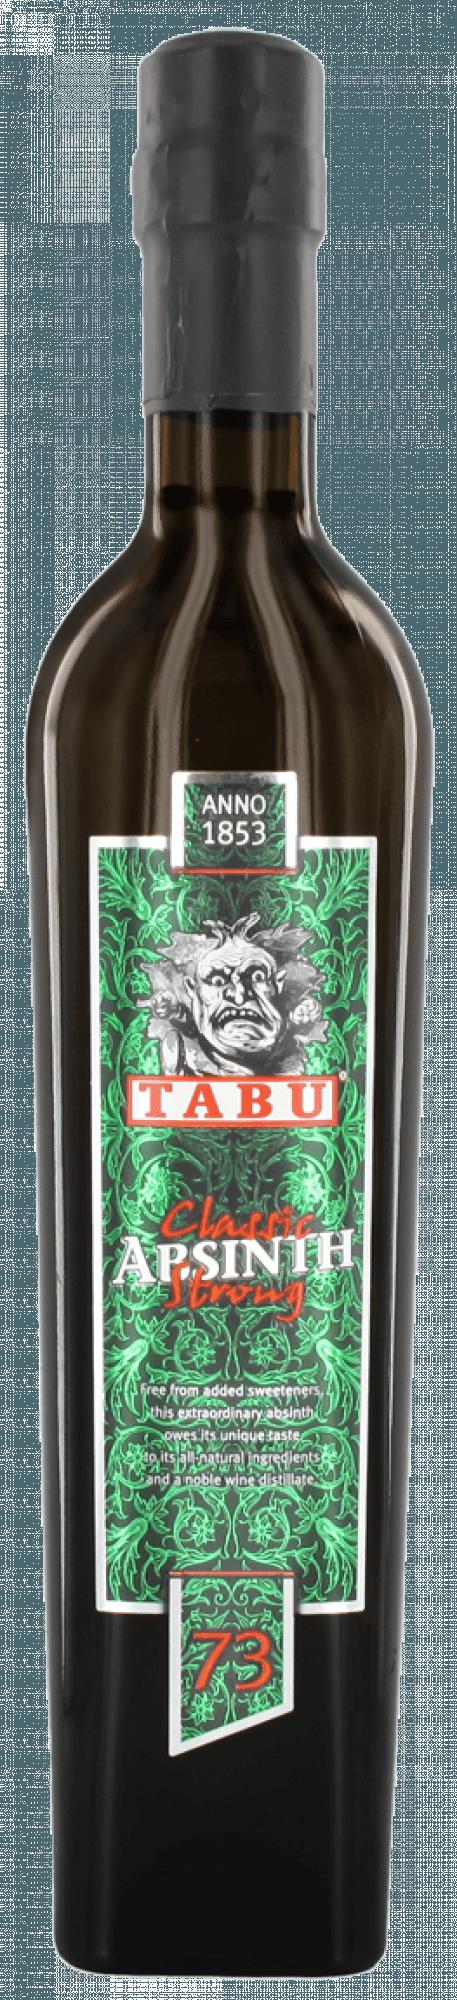 Tabu Absinth Strong Fl 50